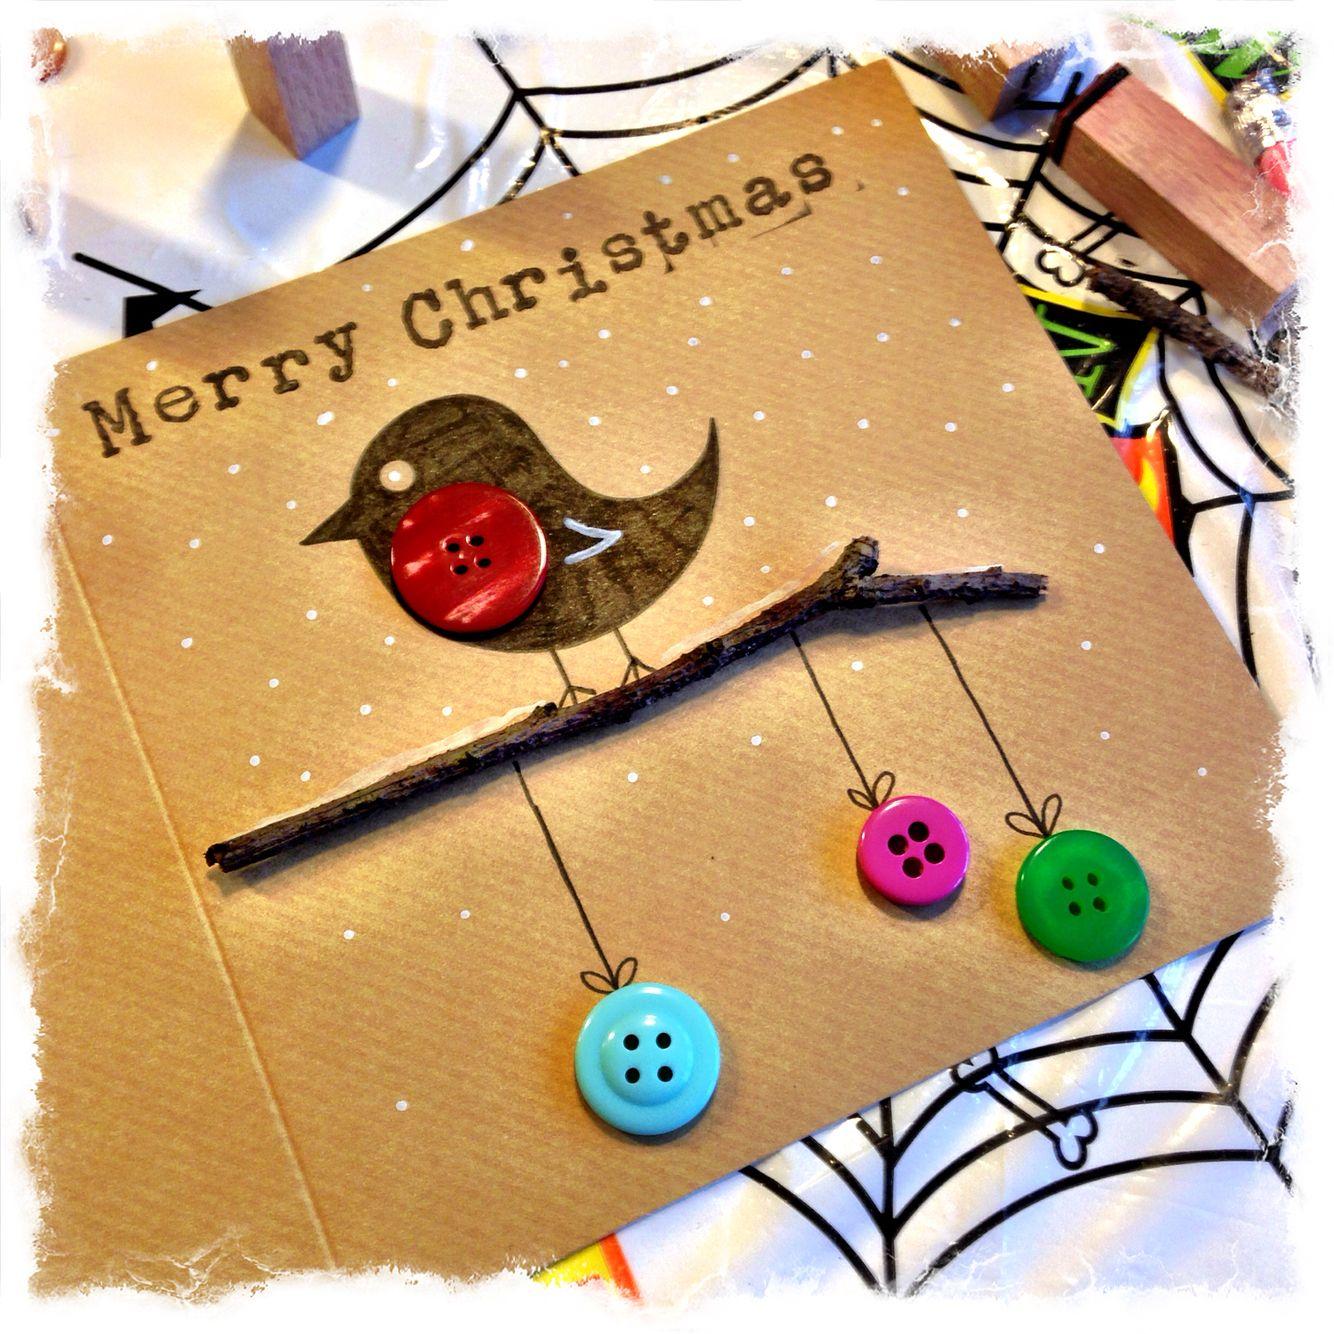 Crafty Robin Christmas Card by Matt Carter